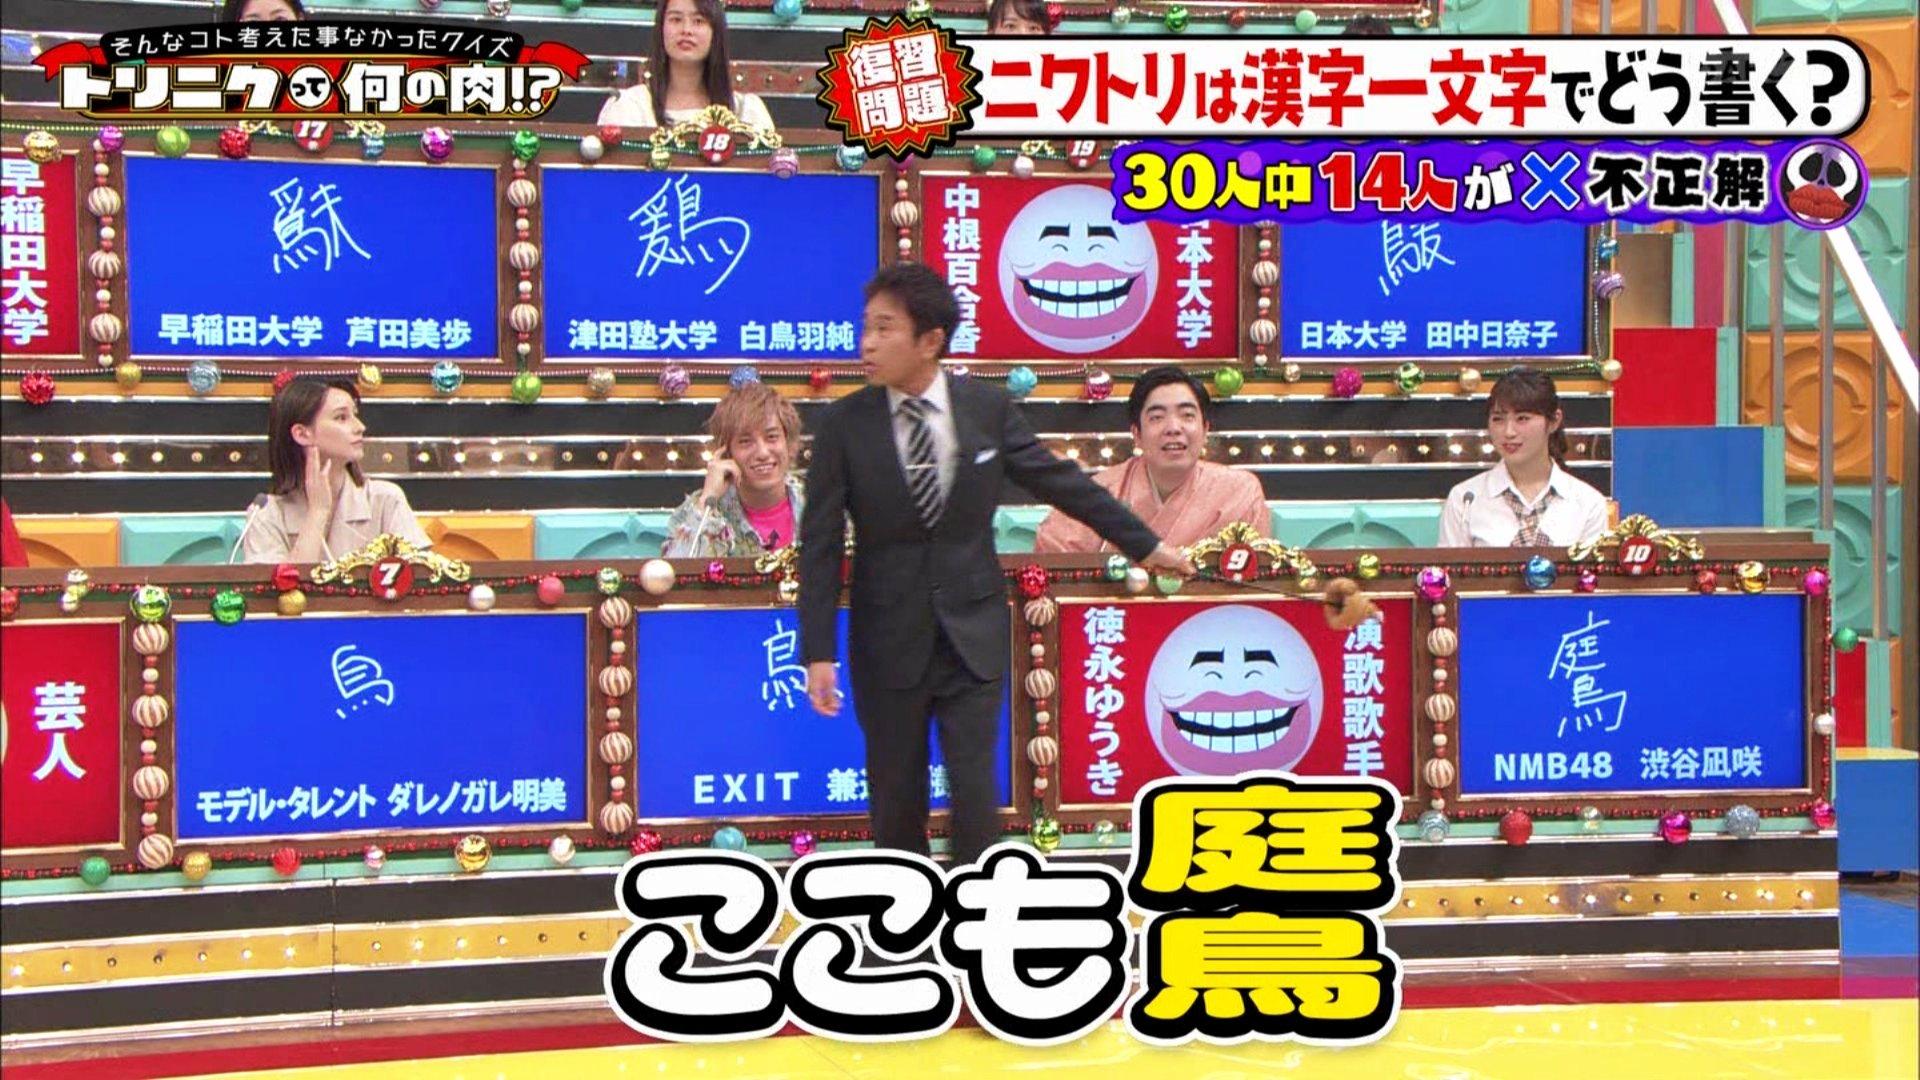 【渋谷凪咲/山田菜々】なぎさ出演6月18日「トリニクって何の肉!?」の画像。庭鳥🐔